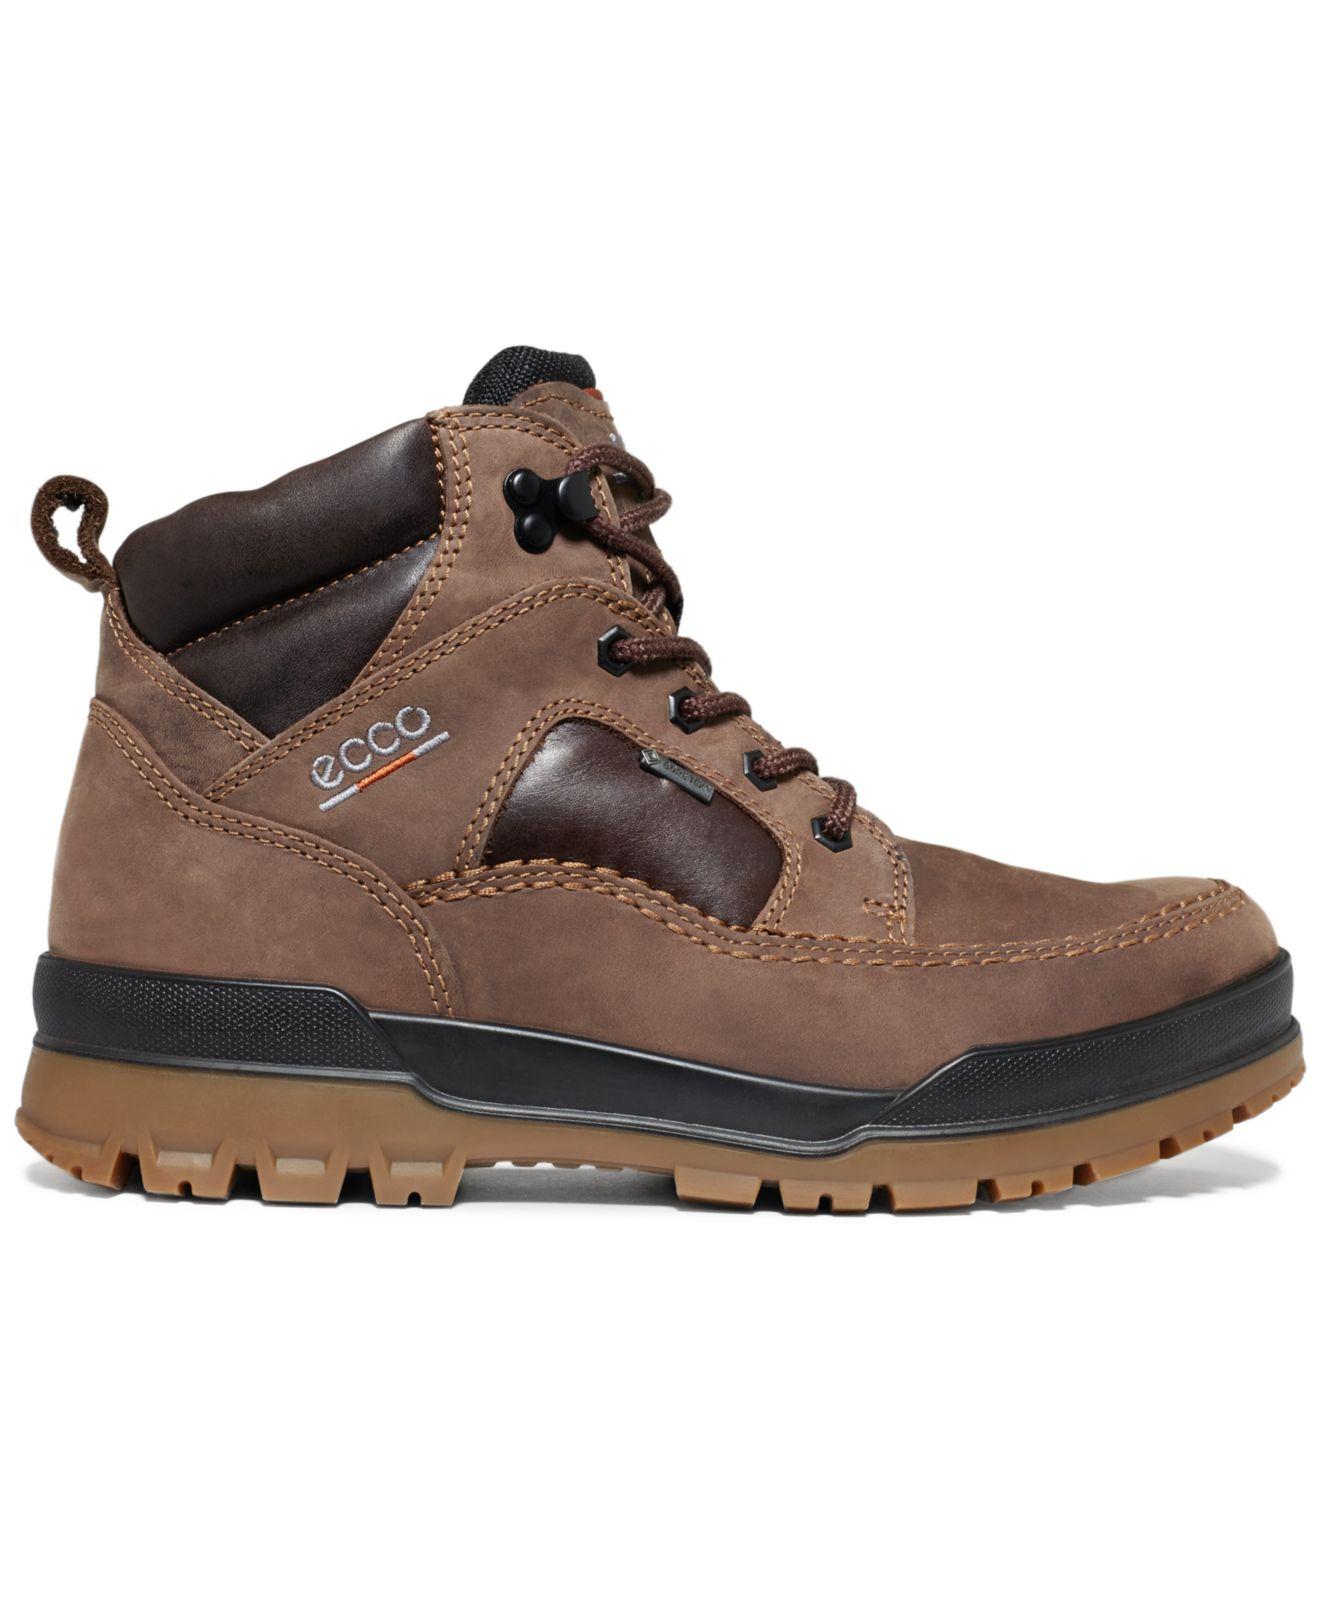 ecco boots gore tex \u003e Clearance shop